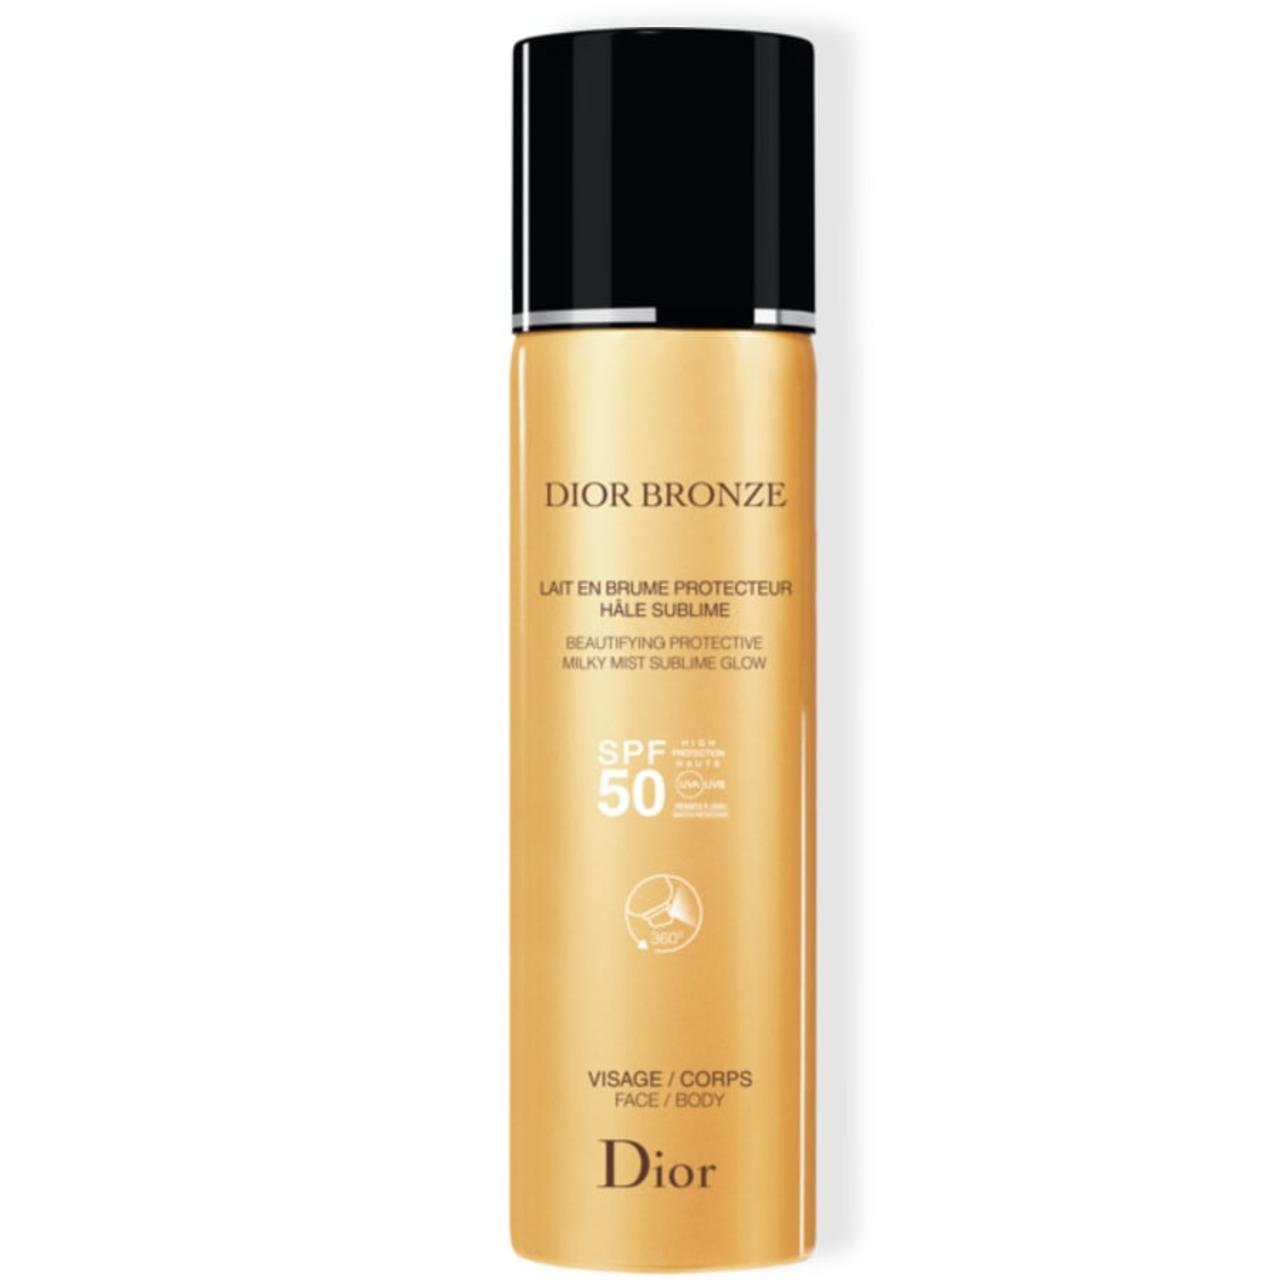 Dior Bronze Milky Mist Sublime Glow SPF 50, 7.199 kr.